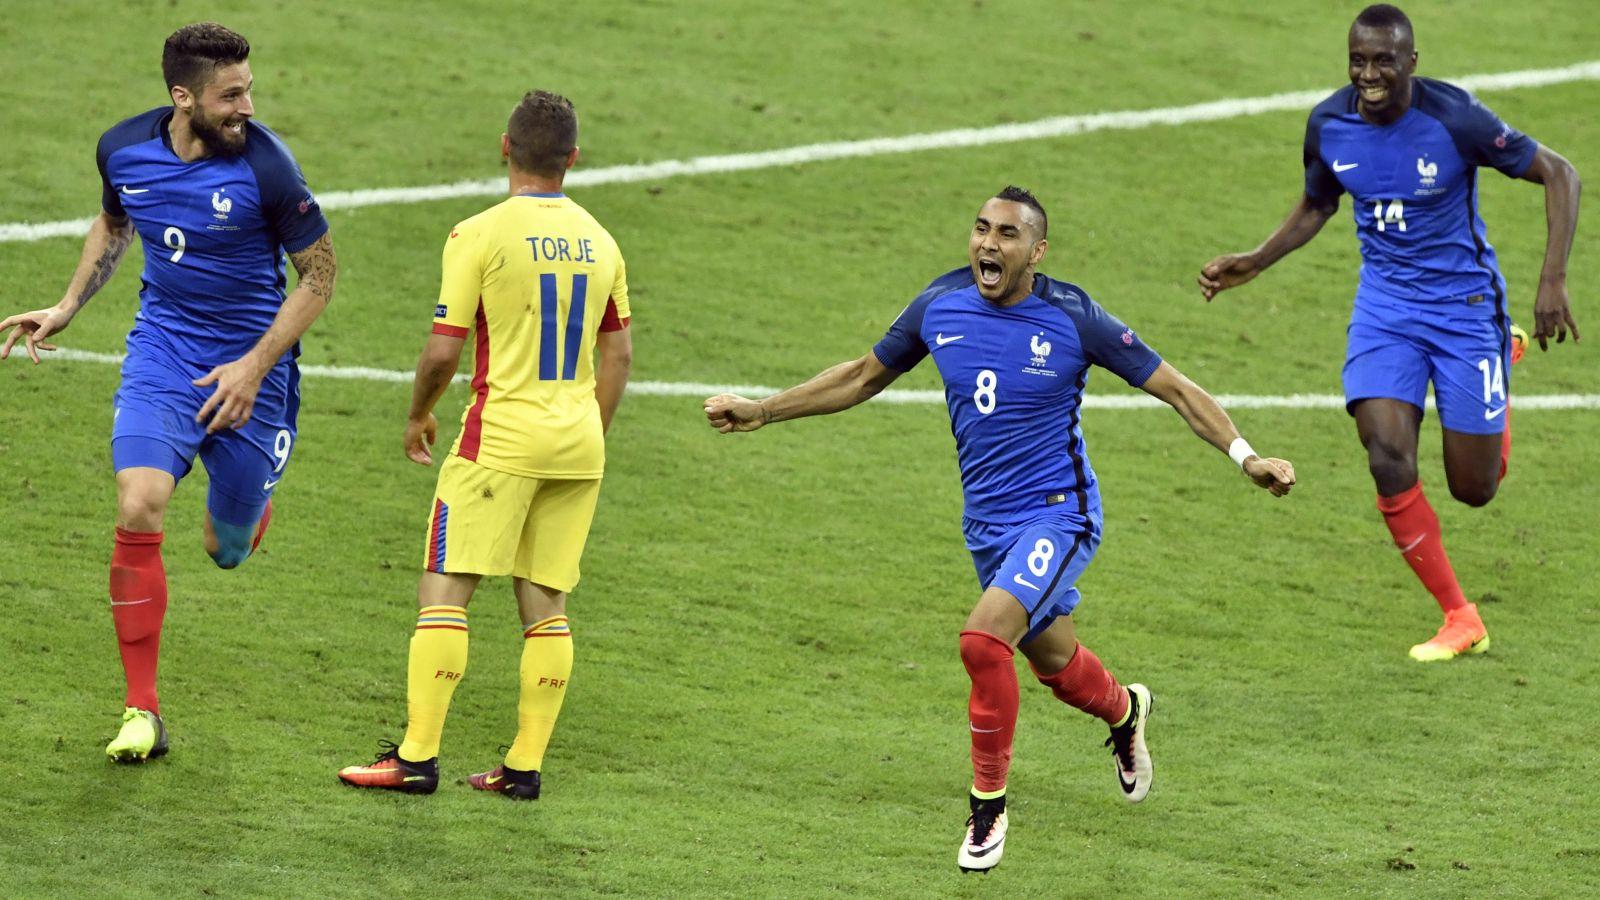 Deschamps hails France hero Payet after match-winning goal